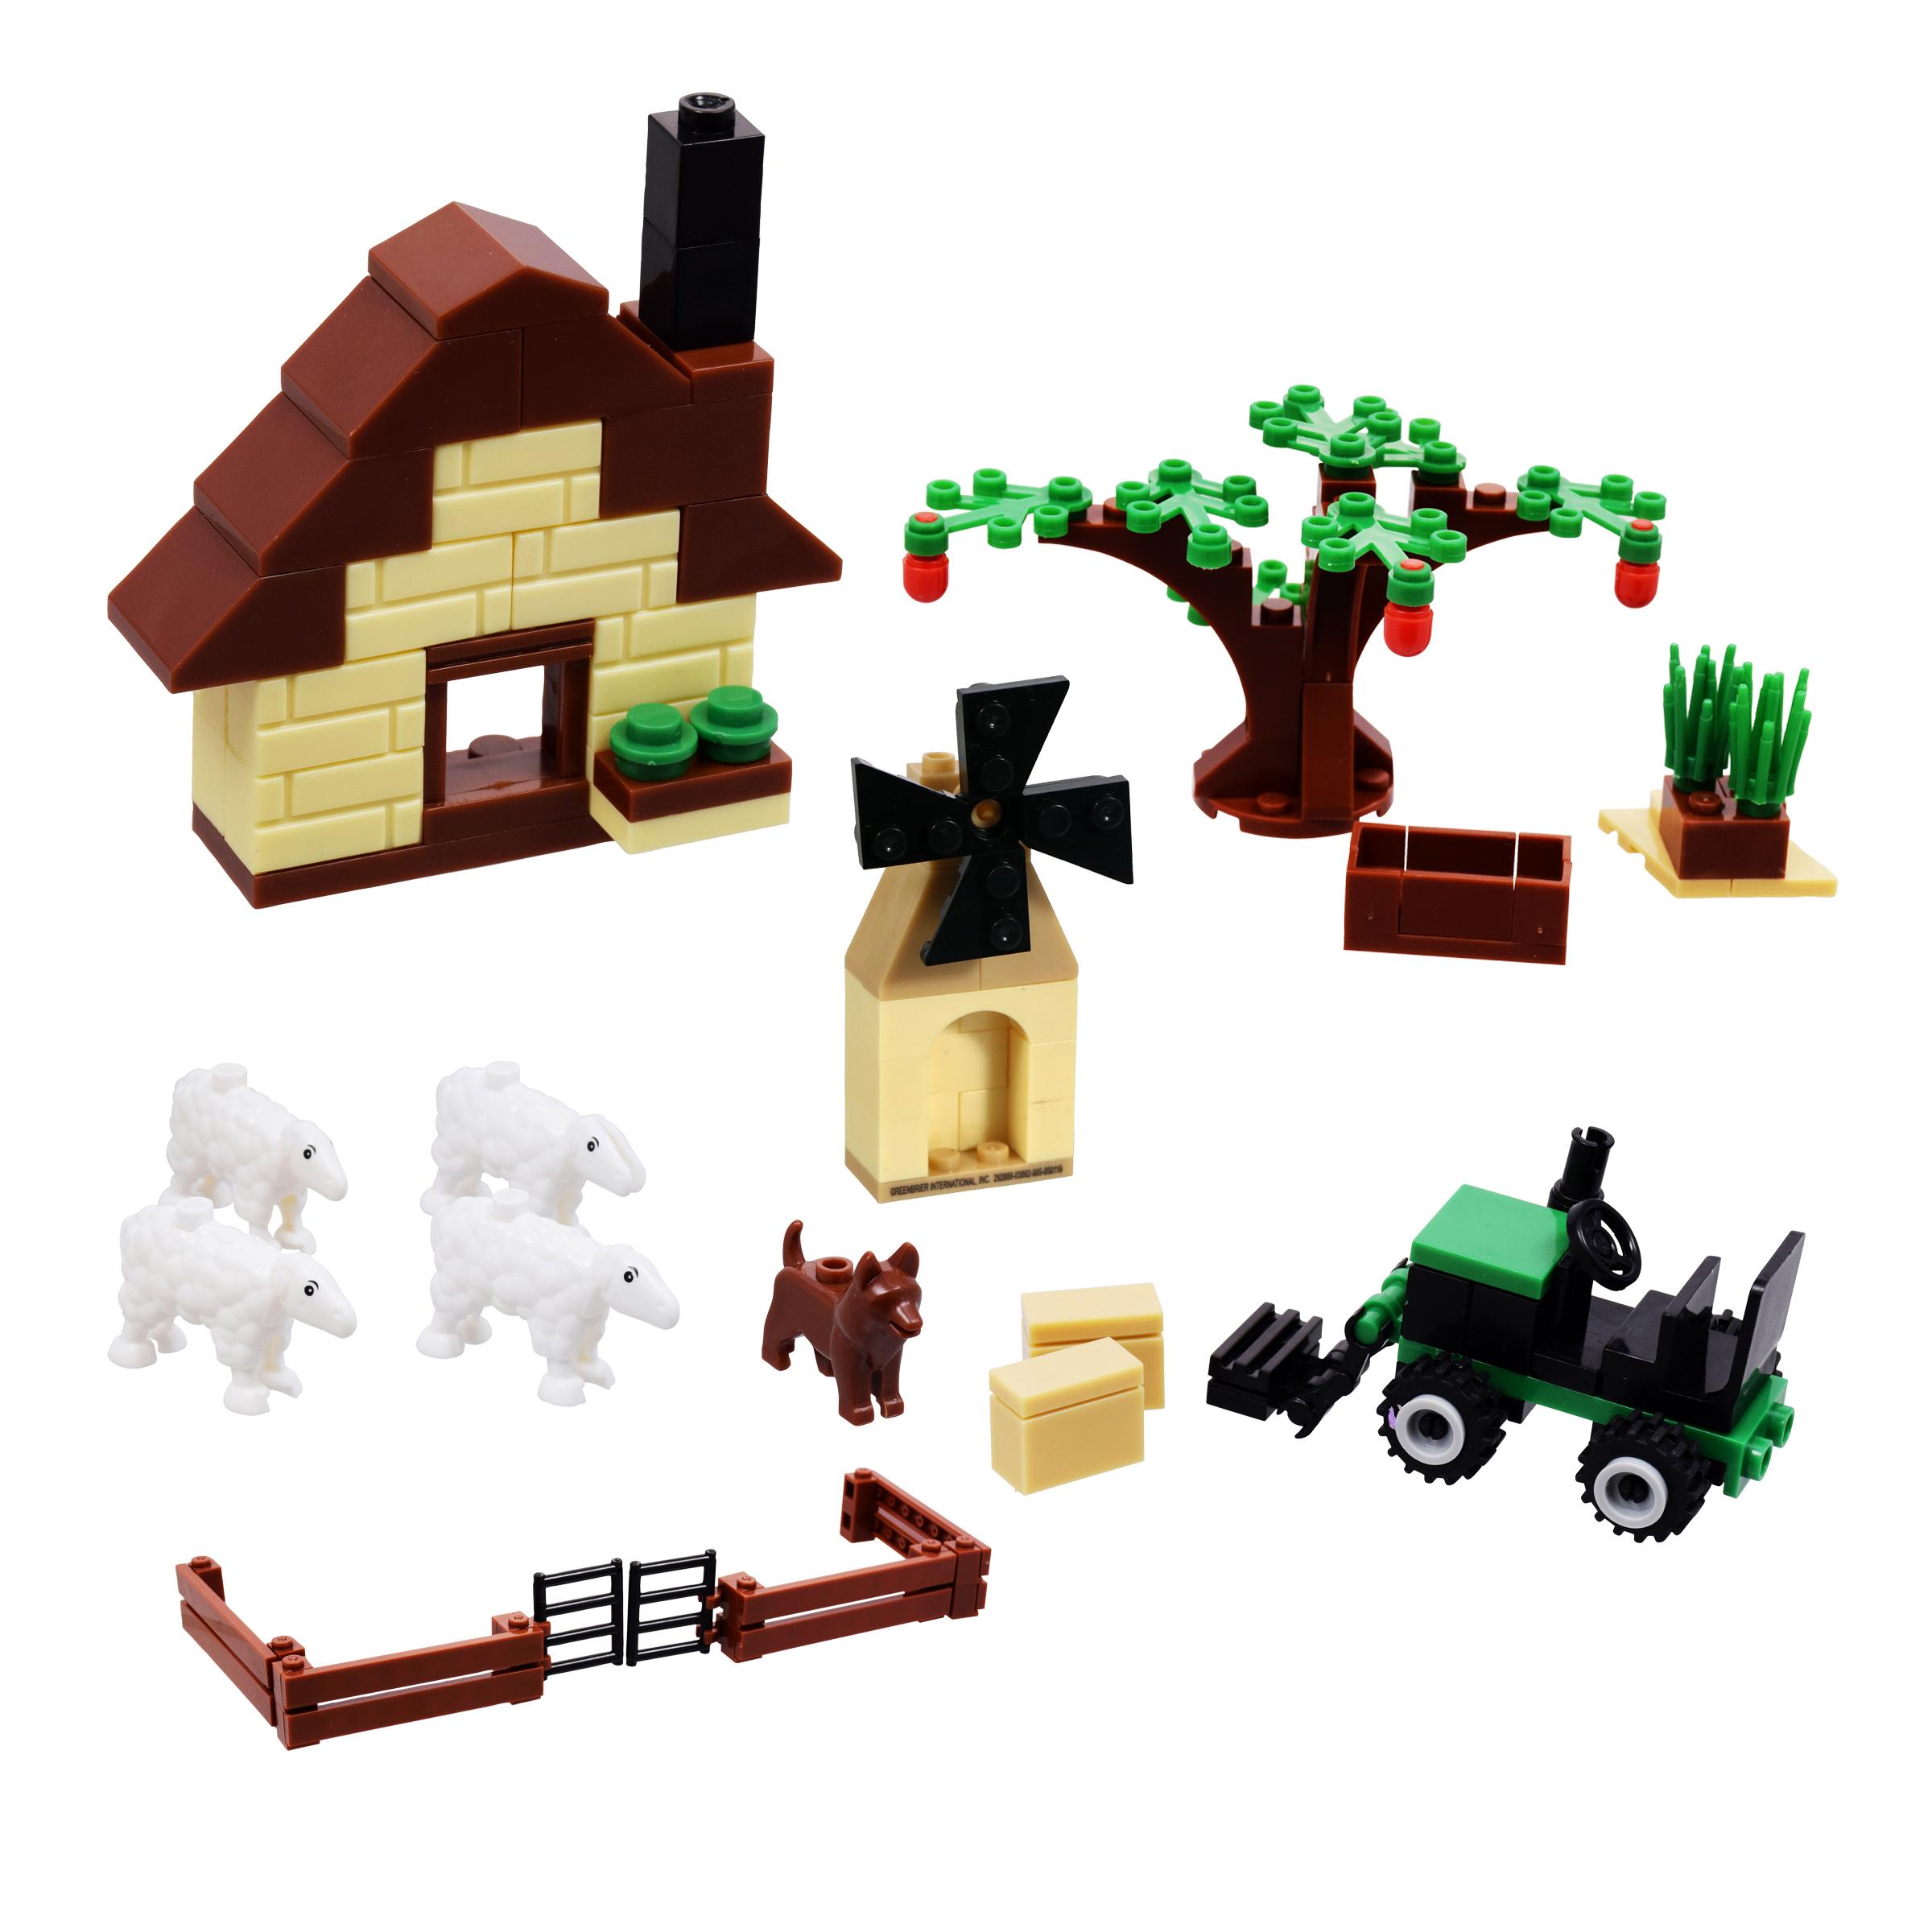 Lego Set Assembly Image